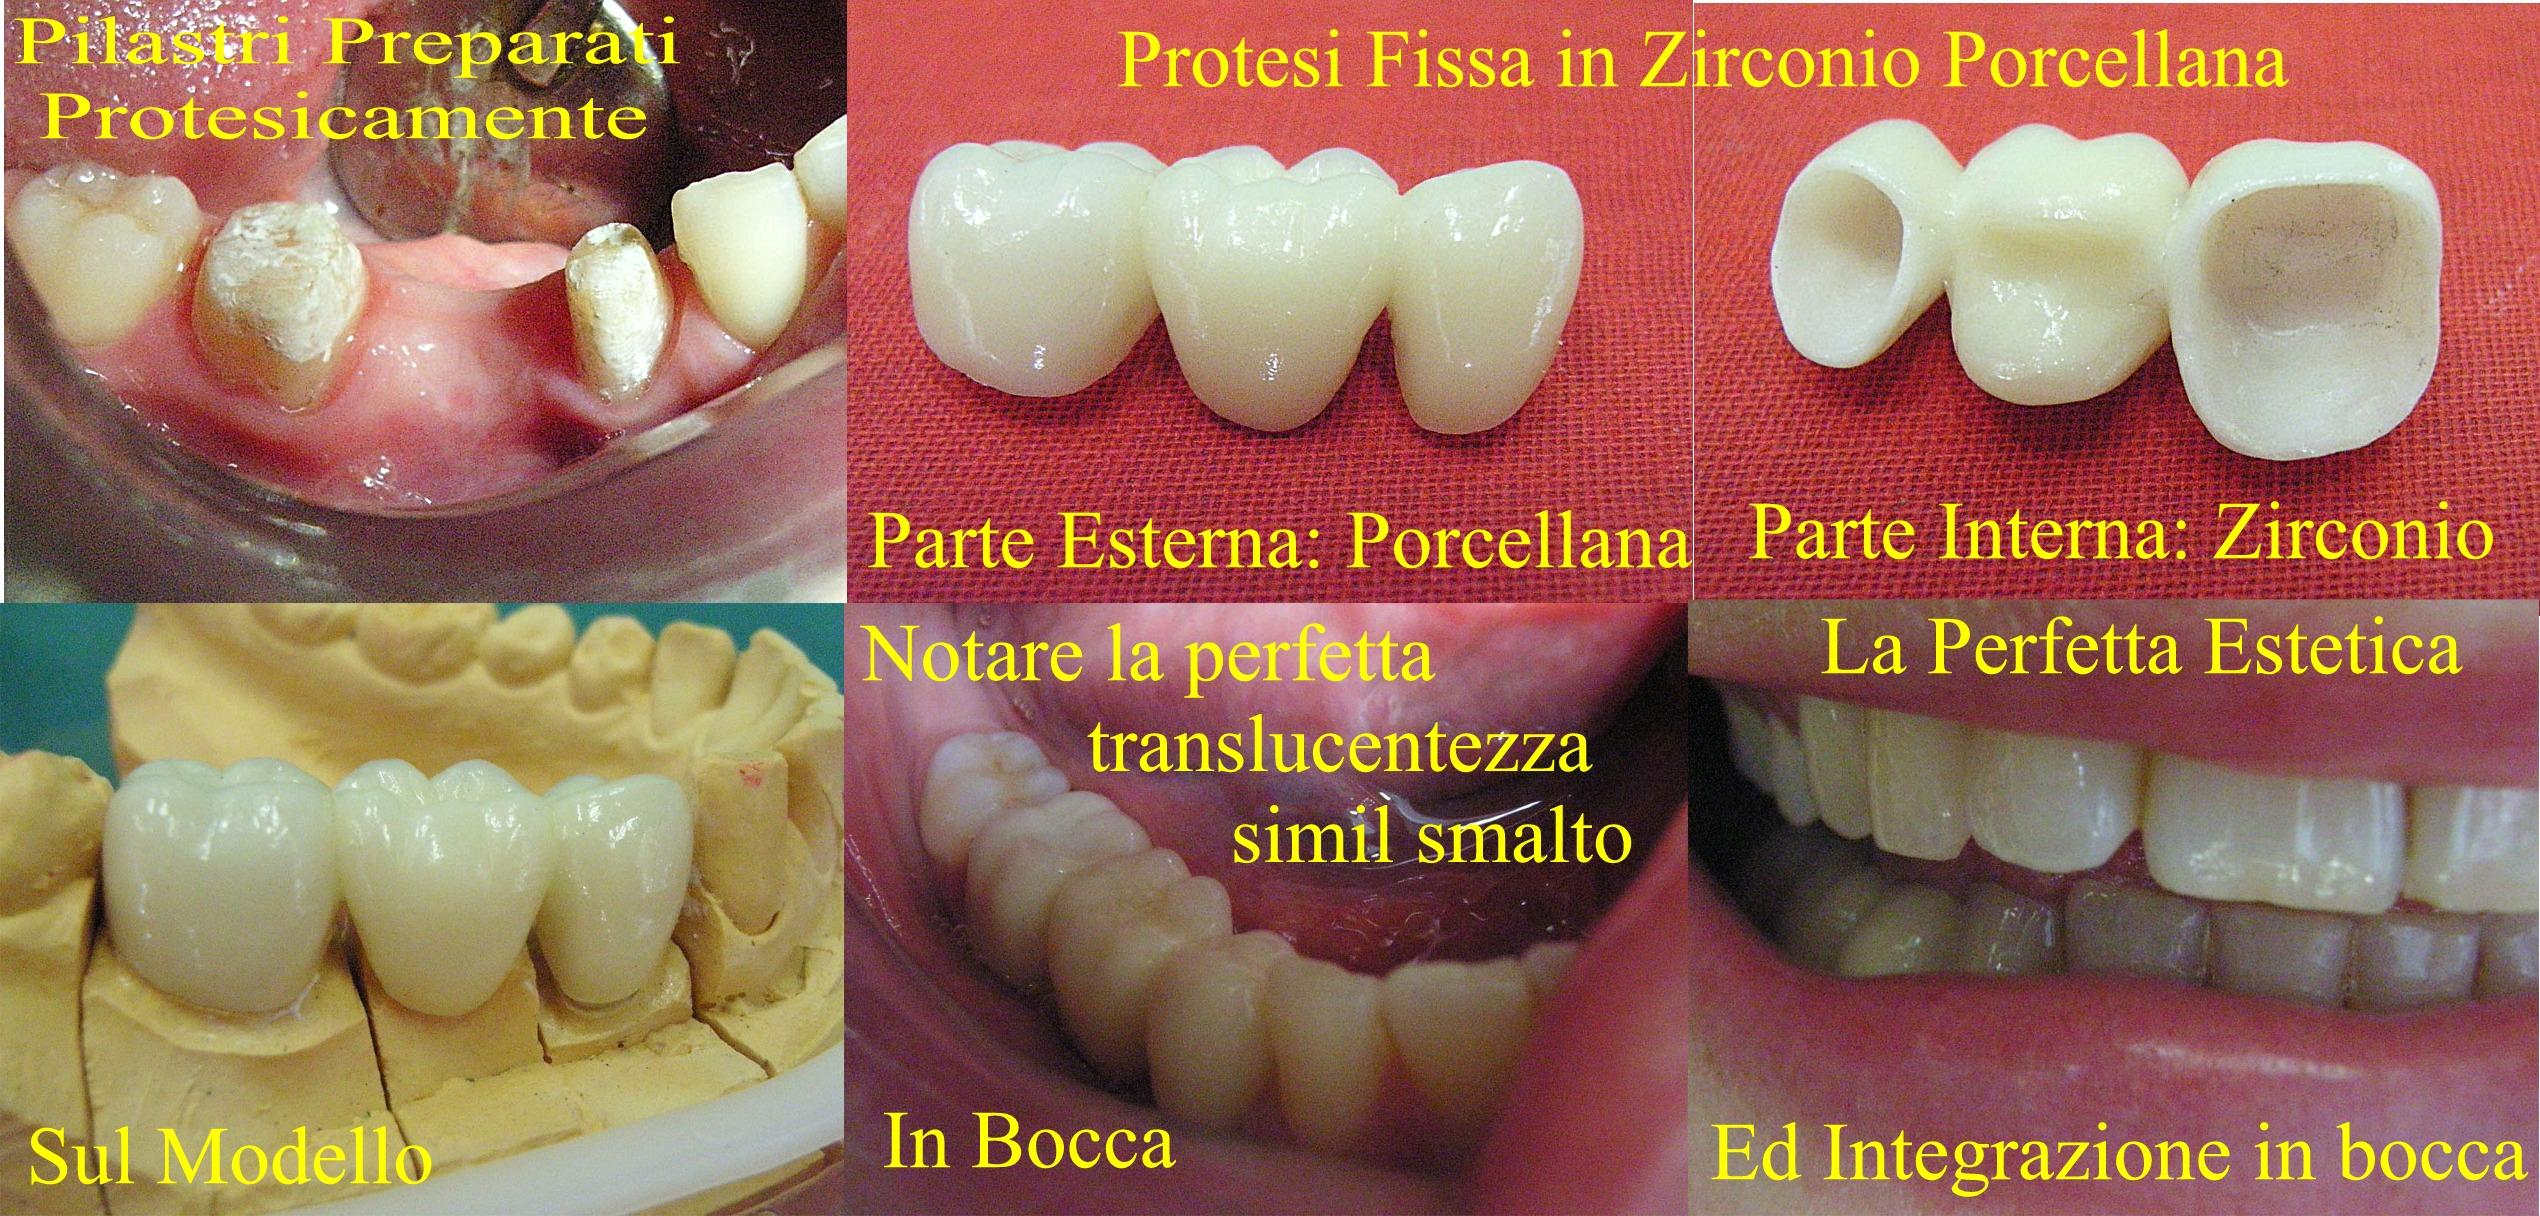 sostituzione di un molarino deciduo in un adulta con protesi fissa in zirconio porcellana, realizzata dalla Dr.ssa Claudia Petti Ortodontista Protesista di Cagliari